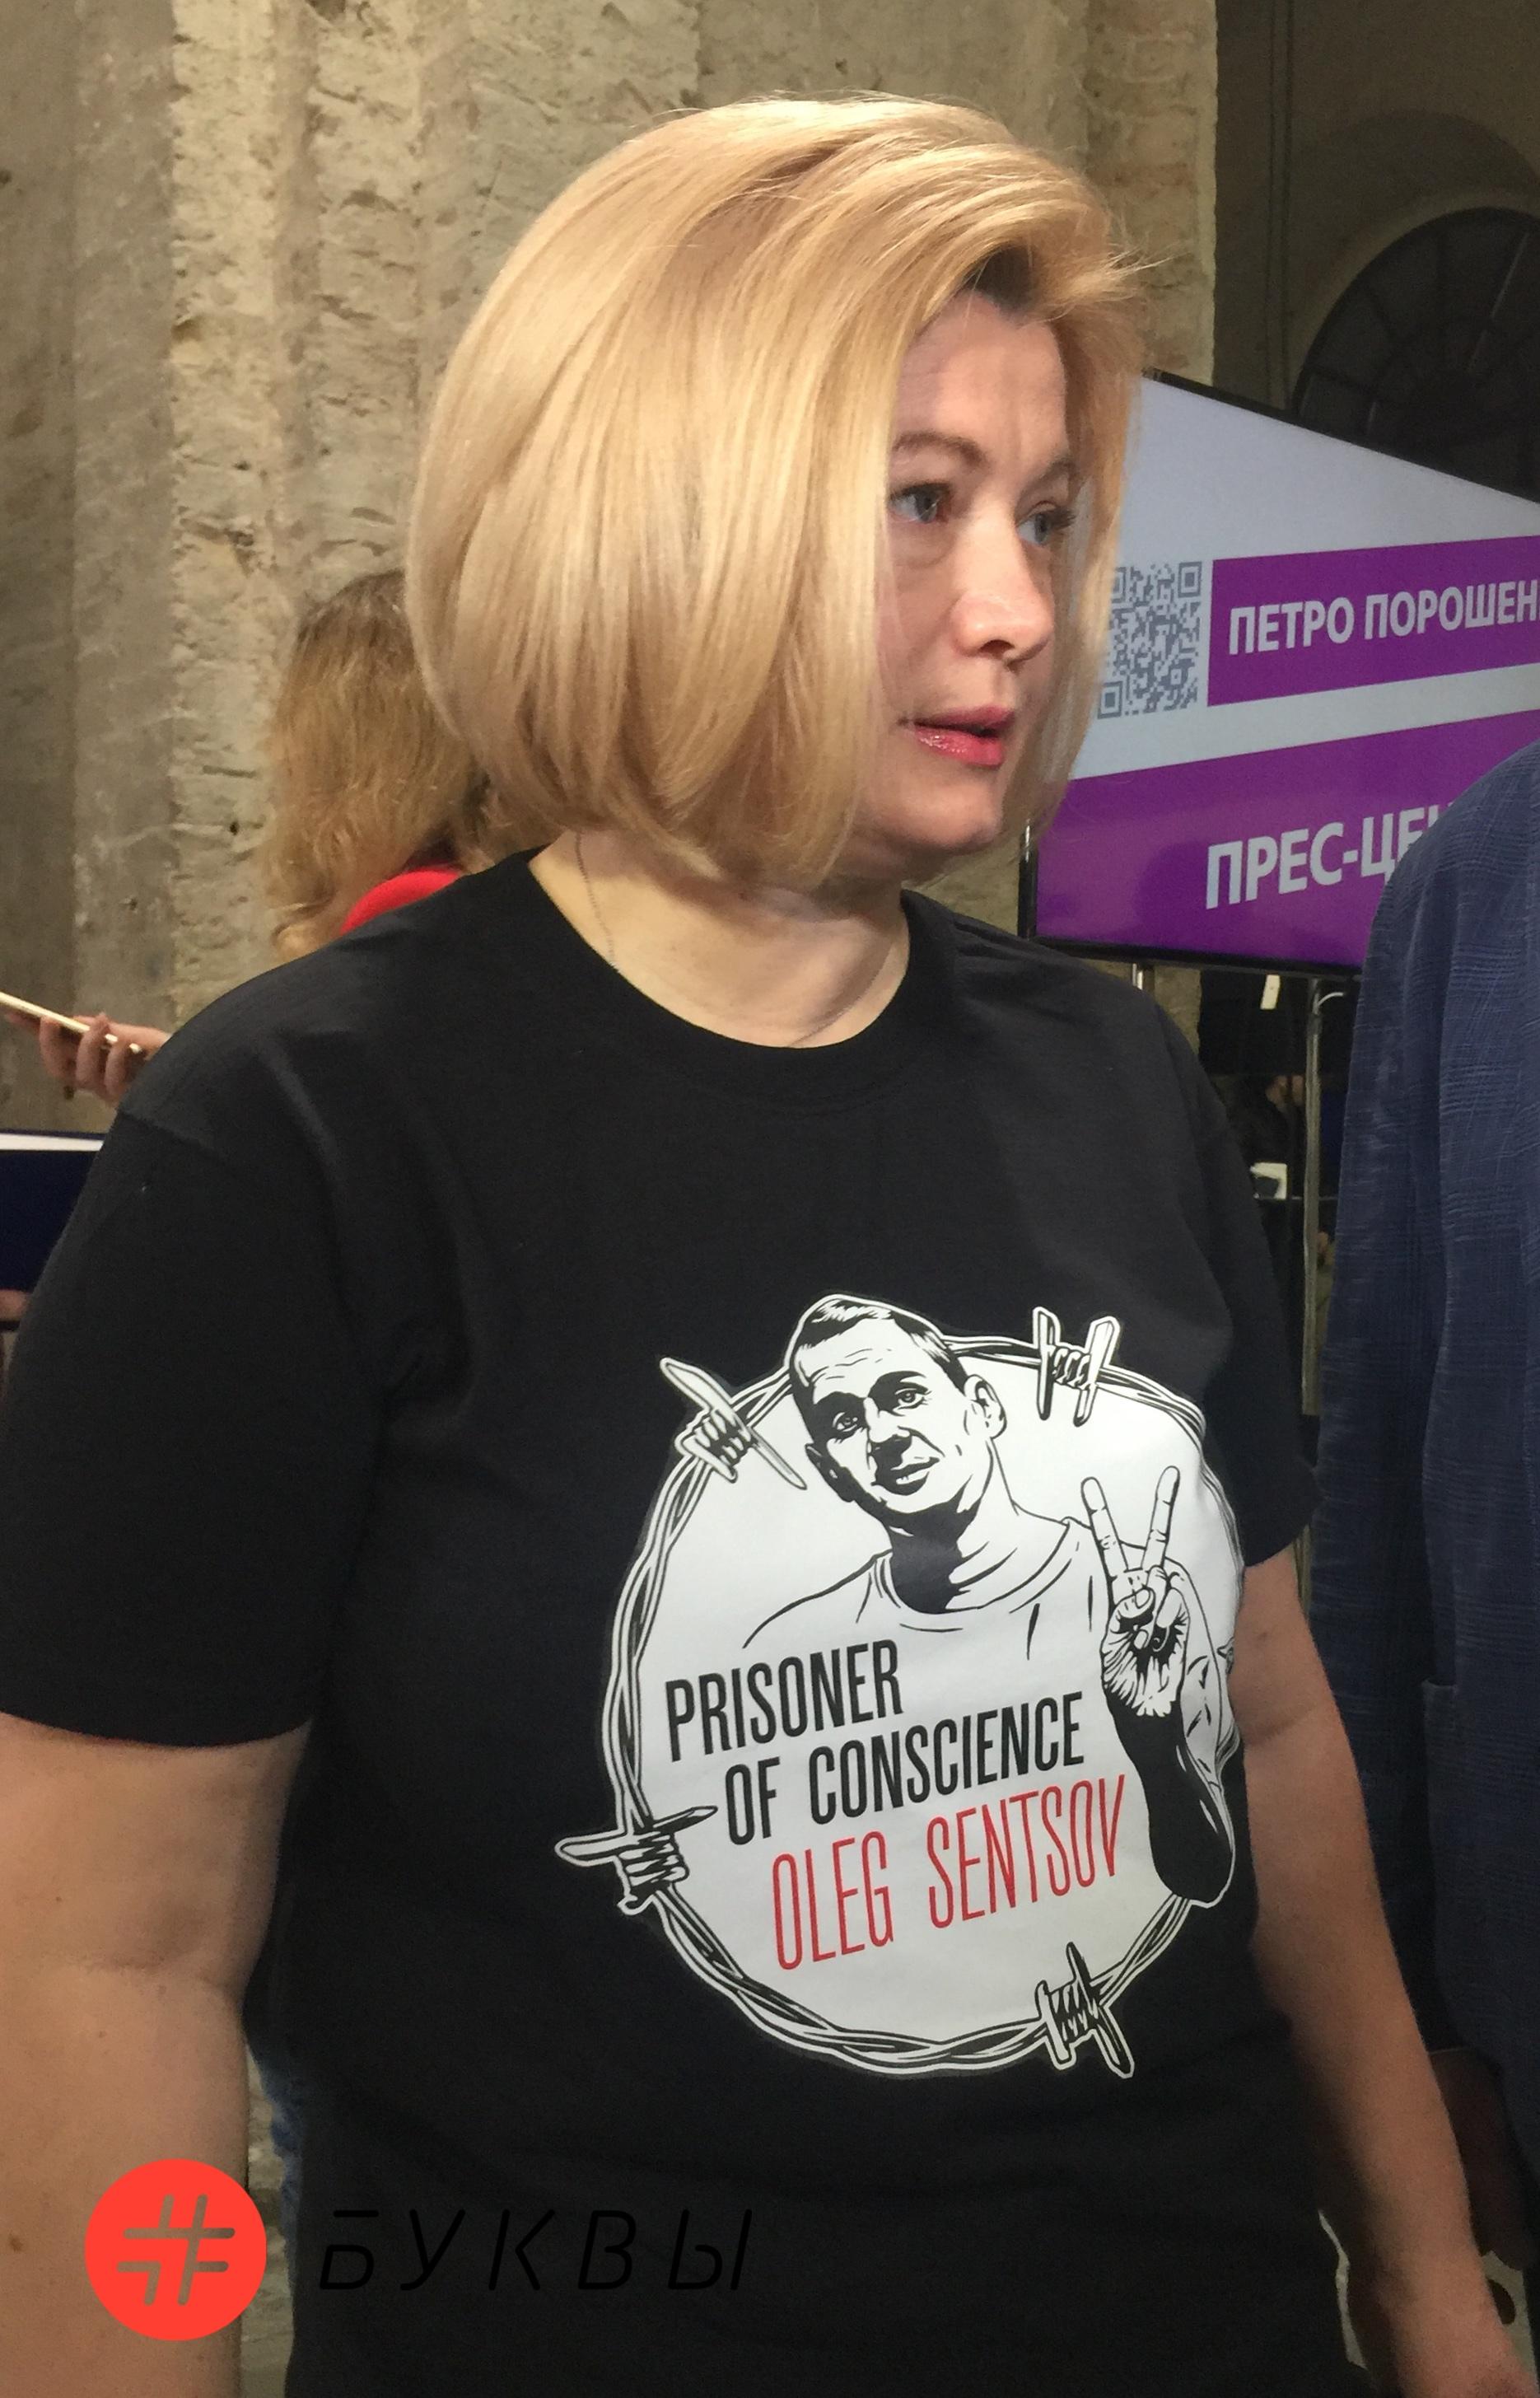 порошенко12